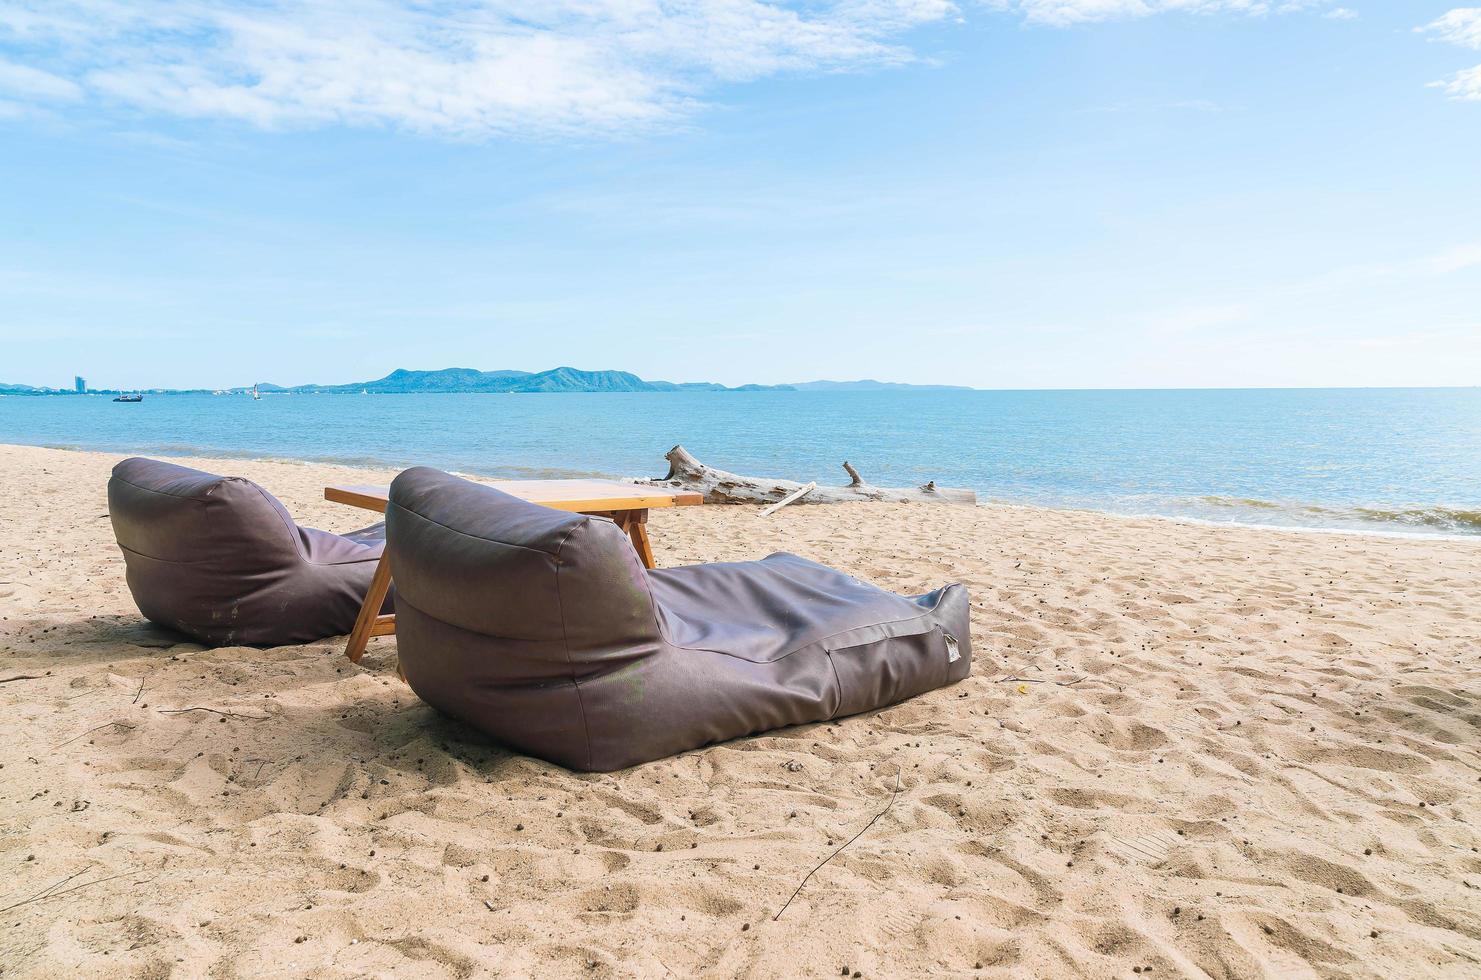 twee zitzakken op een strand foto